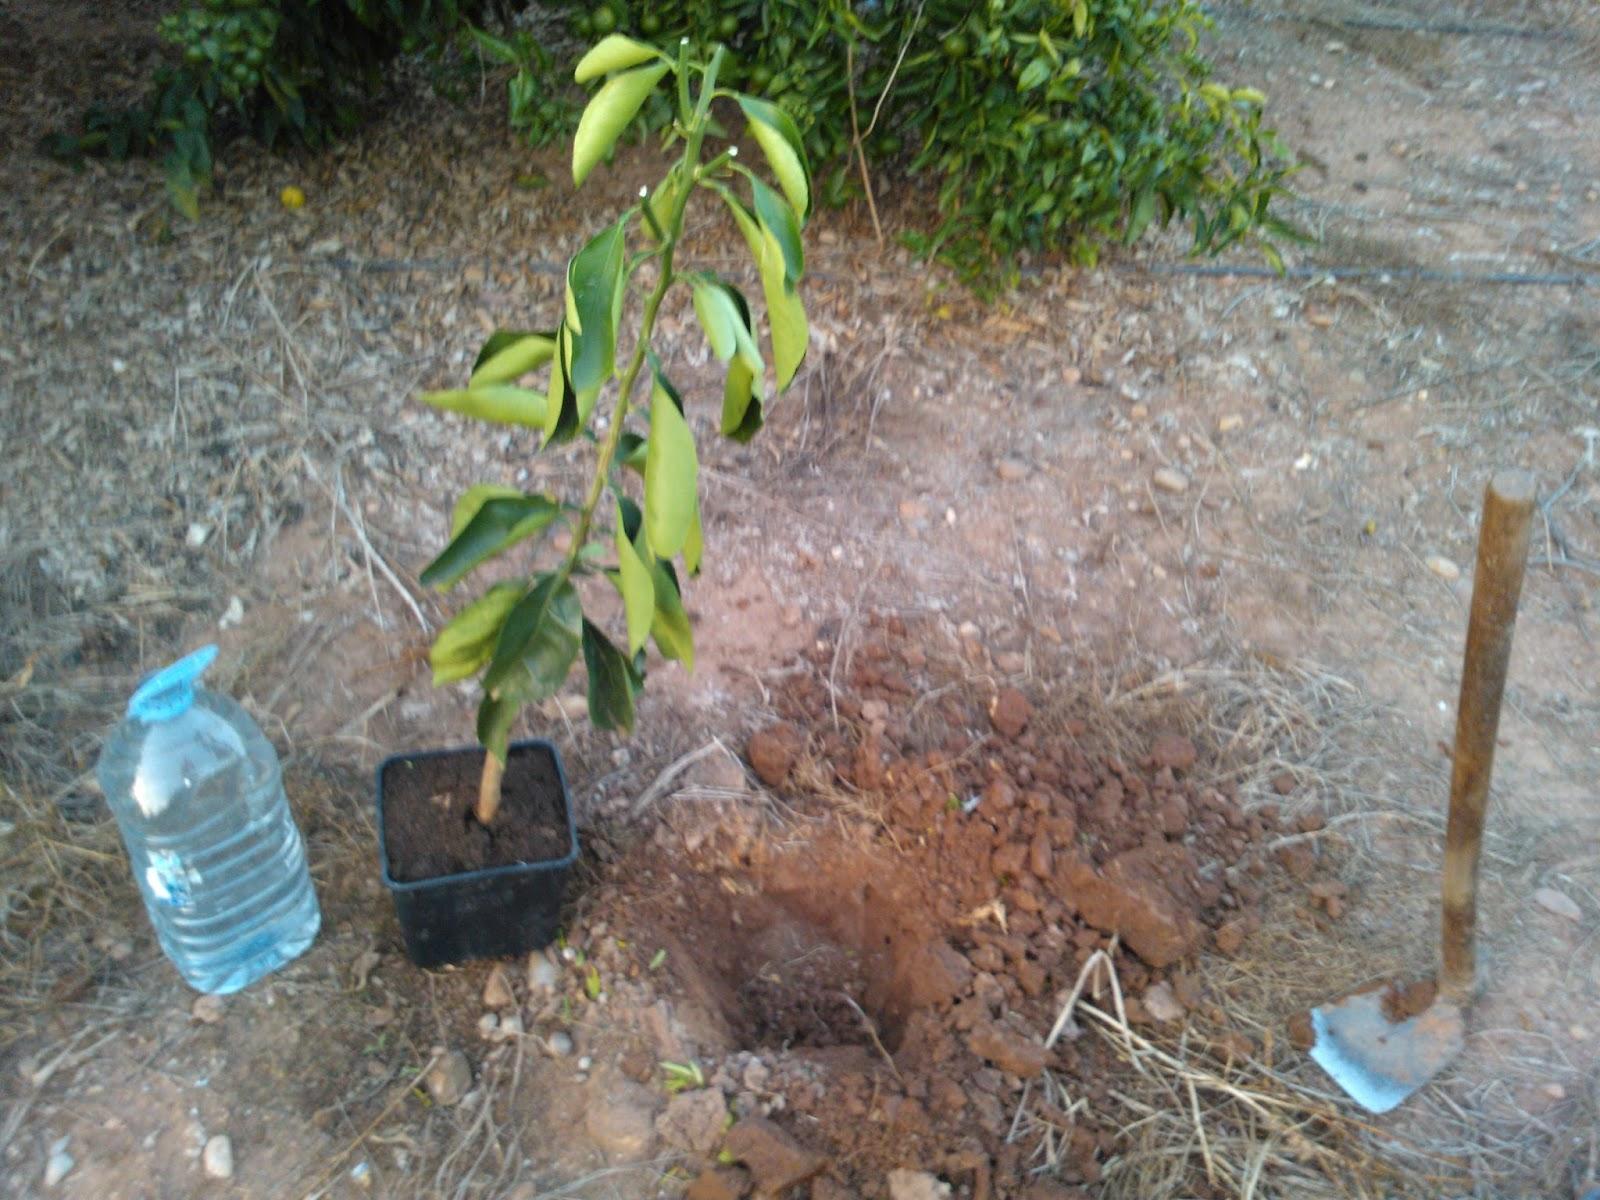 Evoluci n plantar un naranjo - Cuando plantar frutales ...